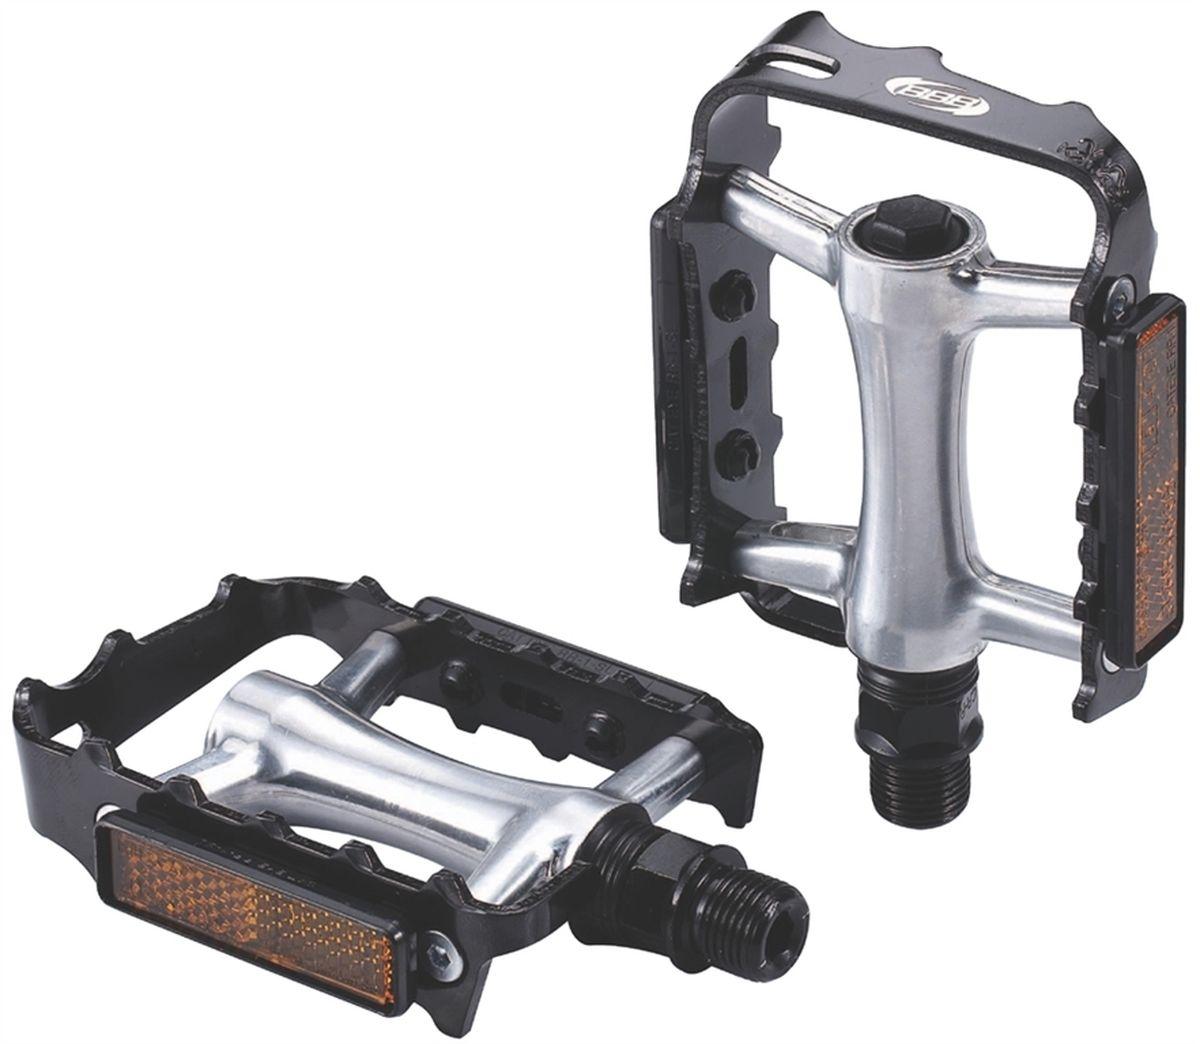 Педали BBB MTB ClassicRide, цвет: черный, стальной, 2 штSF 0085BBB MTB ClassicRide - это модернизированная версия классических алюминиевых педалей. Прочная ось выполнена из хроммолибденовой стали. Промышленные подшипники не нуждающиеся в обслуживании. Рамка с зубцами обеспечивает лучший контакт. Съемные отражатели помогают увидеть вас в темное время суток.